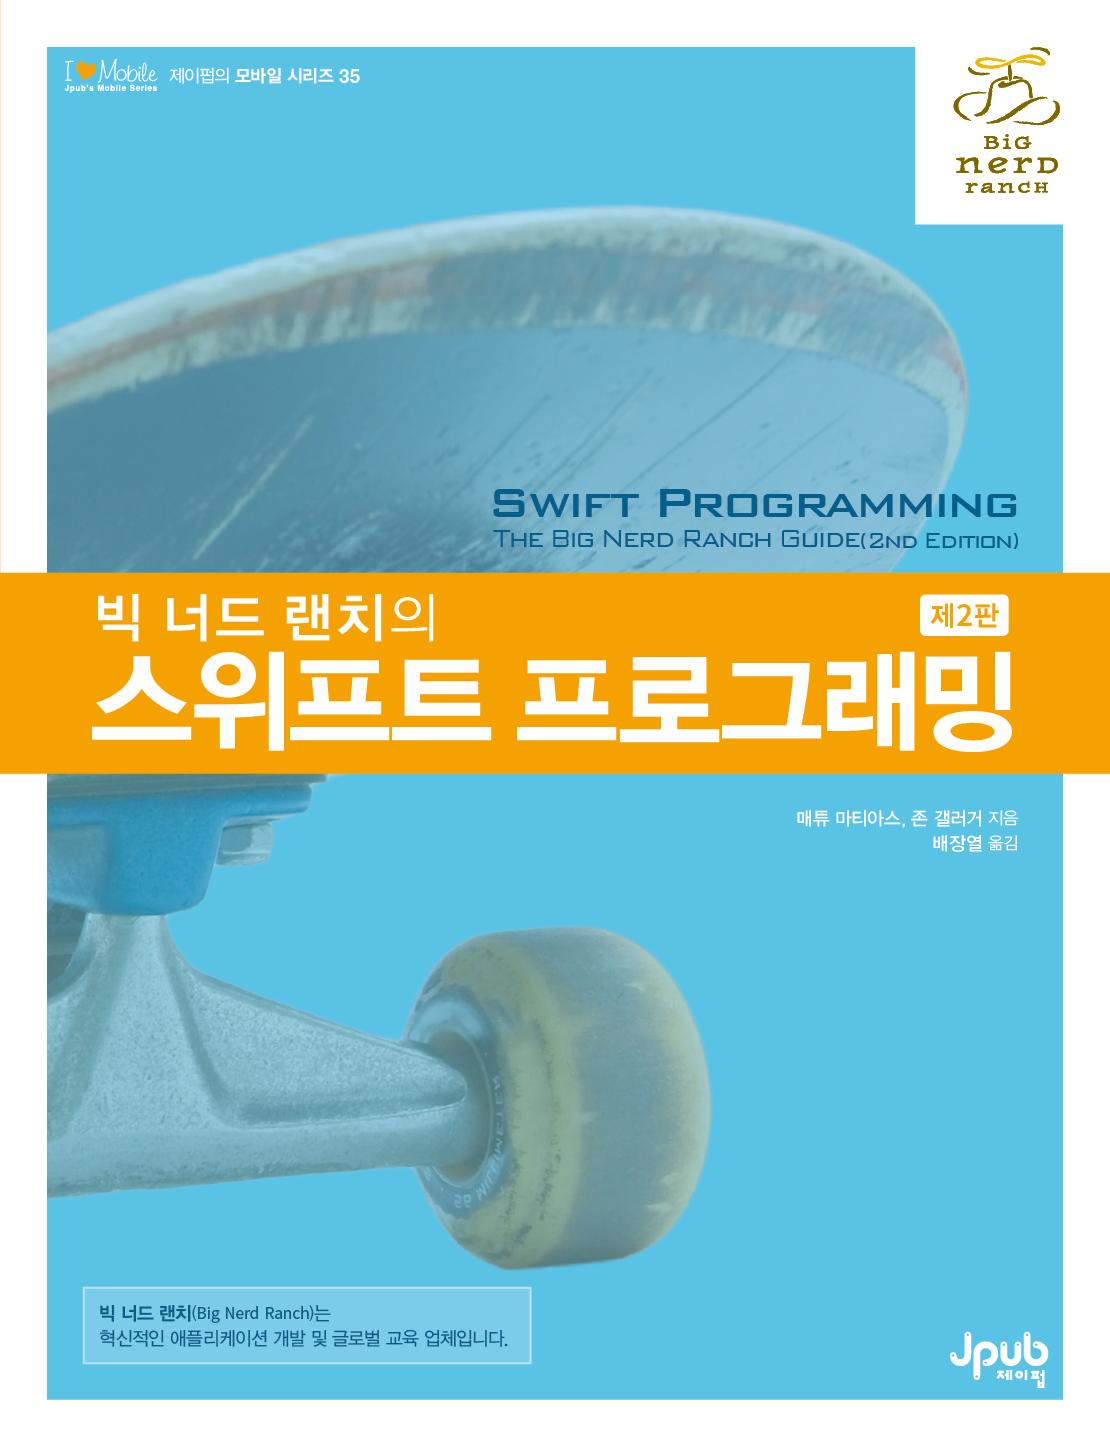 기북 249호 책, 빅 너드 랜치의 스위프트 프로그래밍(제2판)